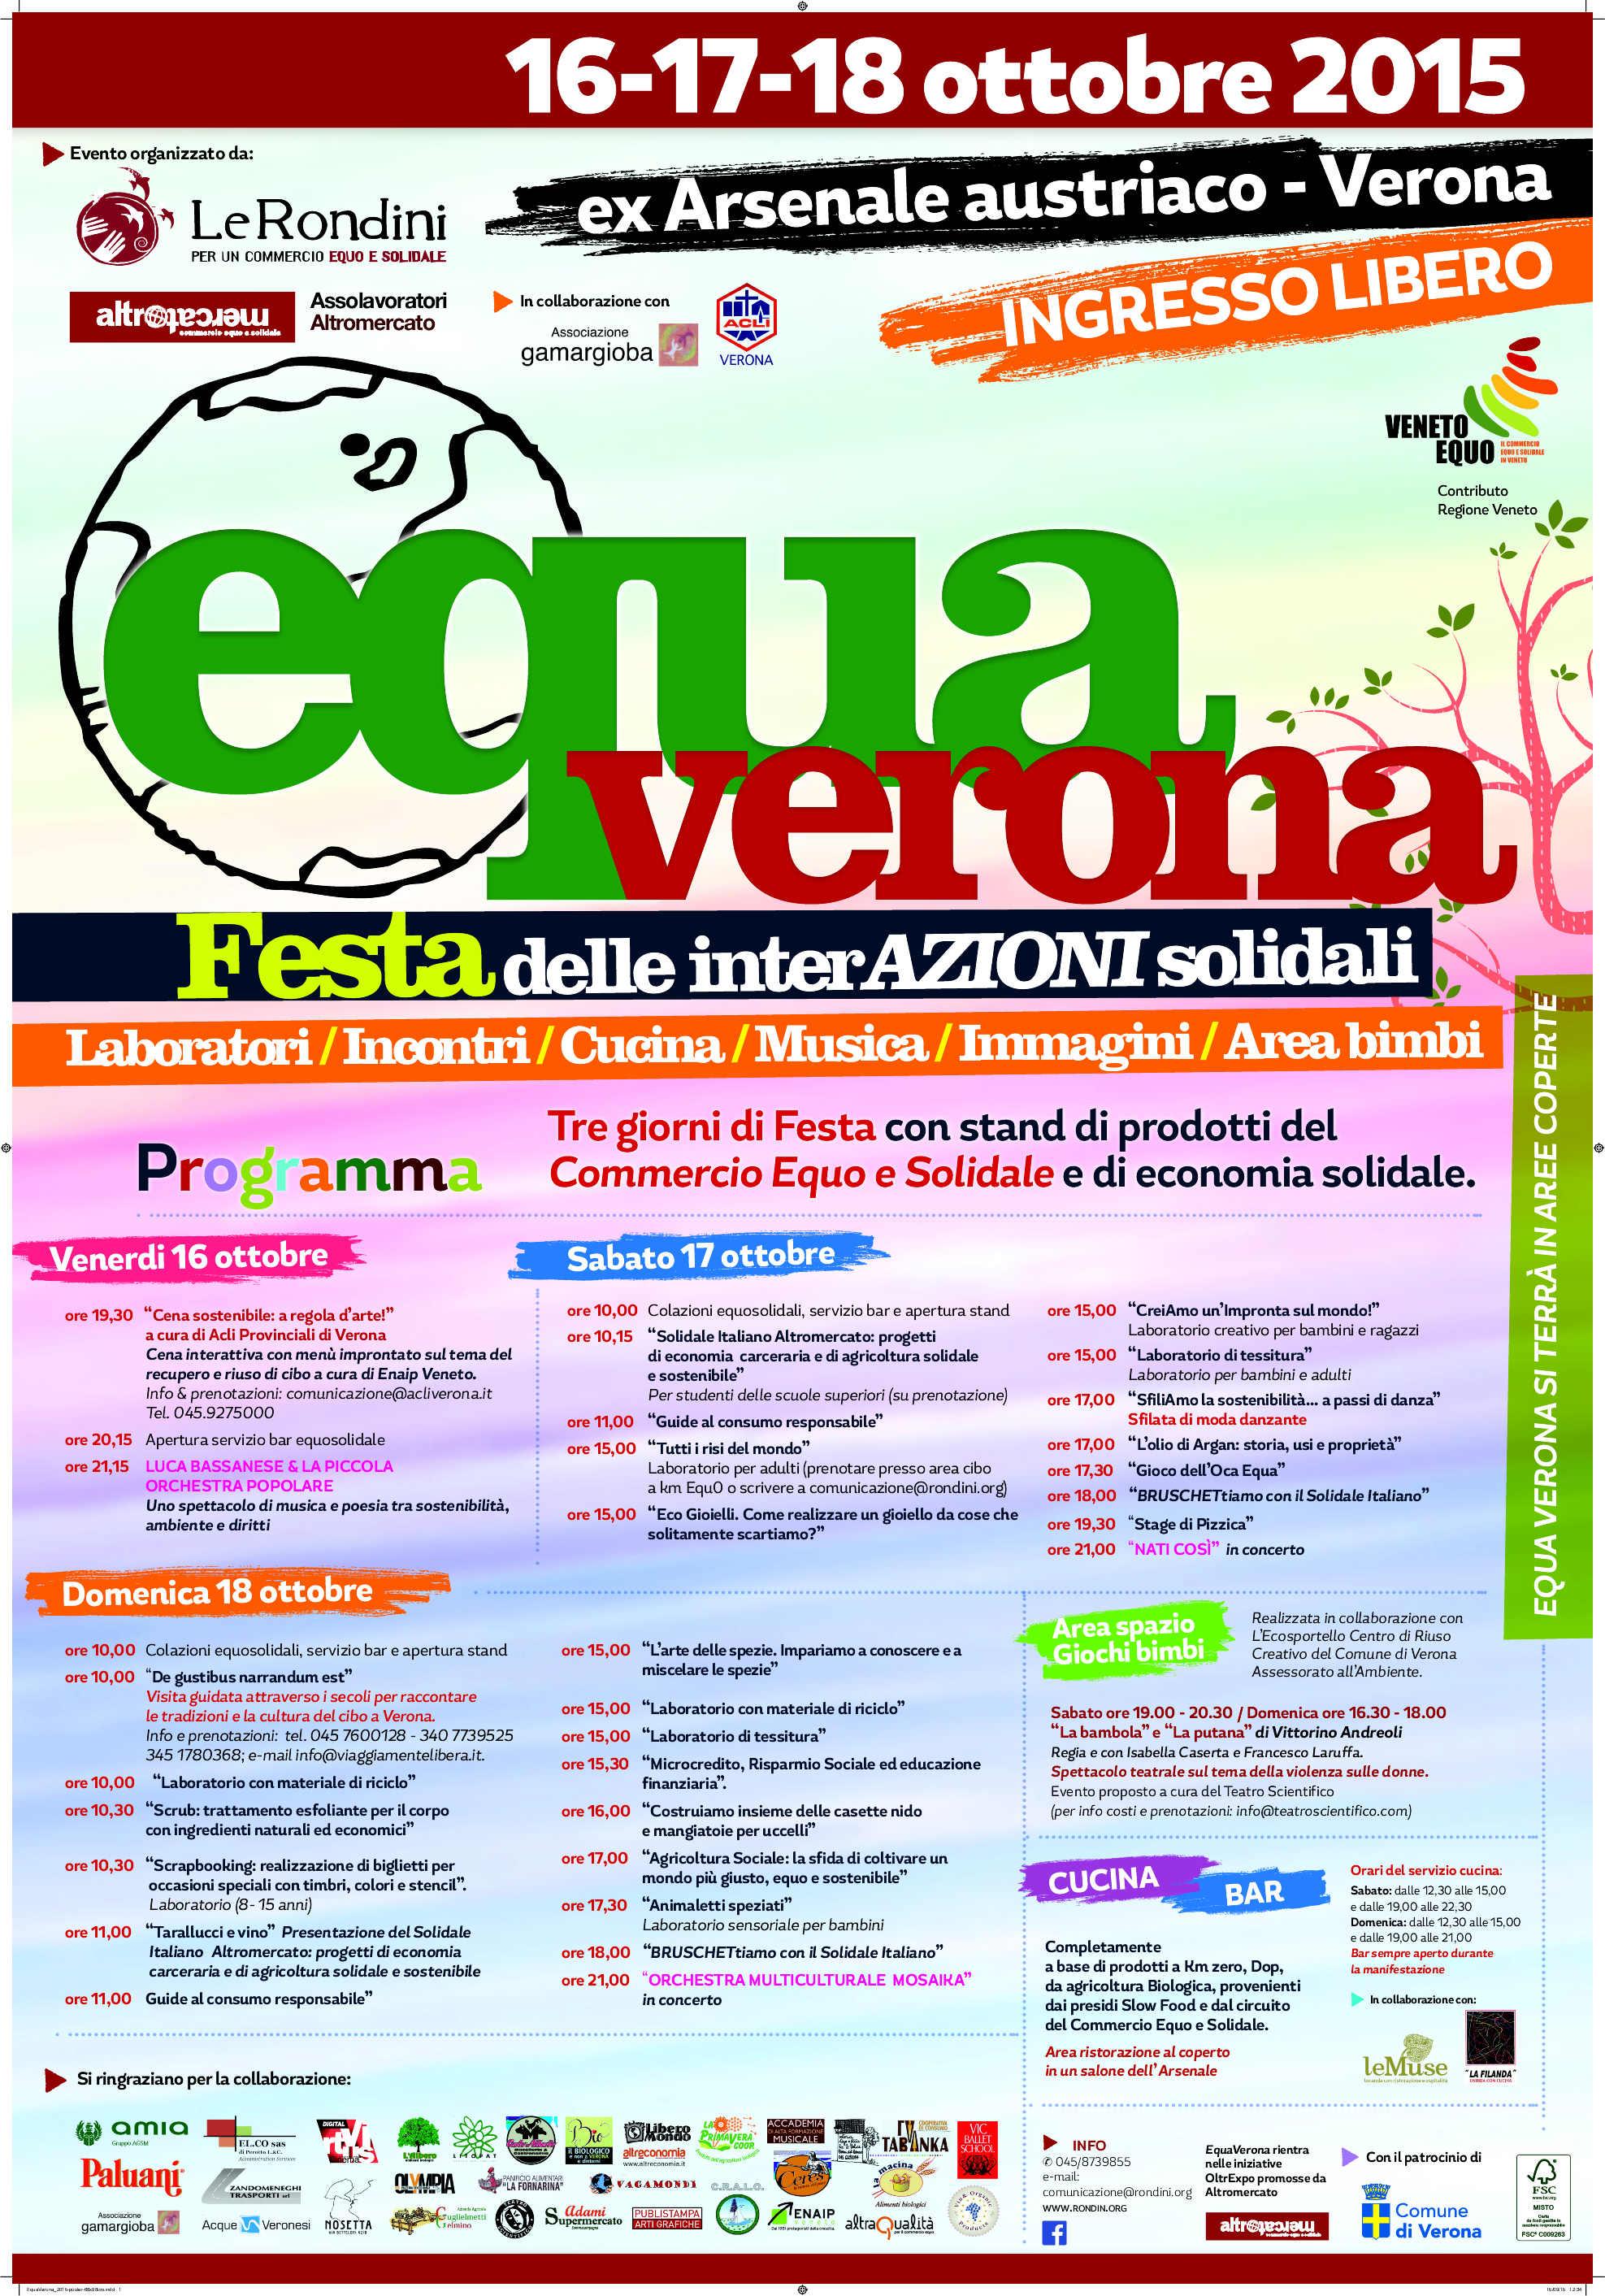 Nati Così Live Mercato Equo Solidale Verona ESCAPE='HTML'